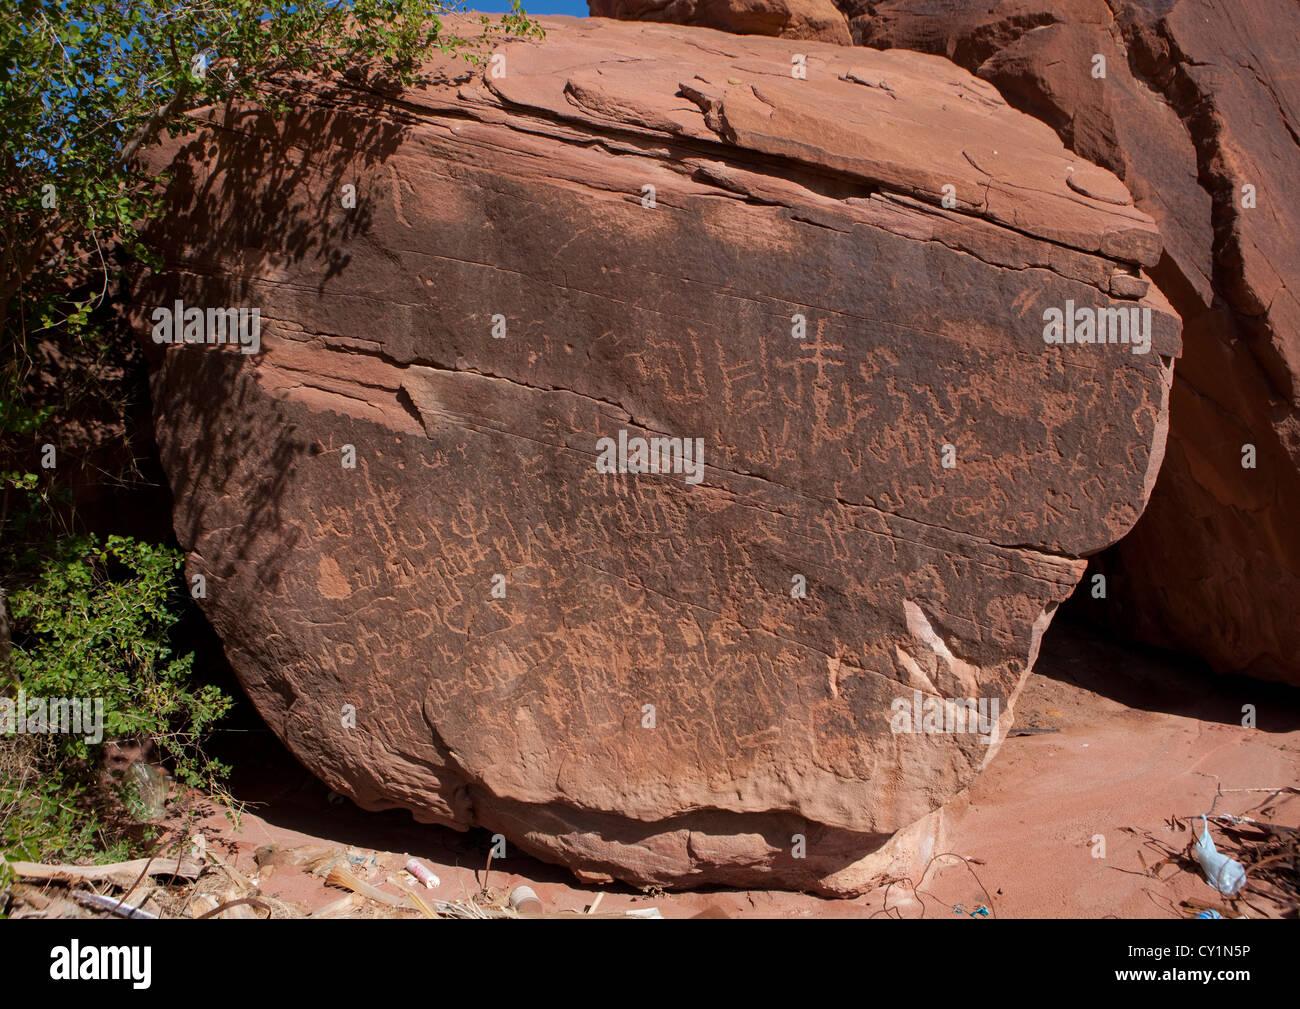 Dedan Carvings In Al Ula, Saudi Arabia - Stock Image